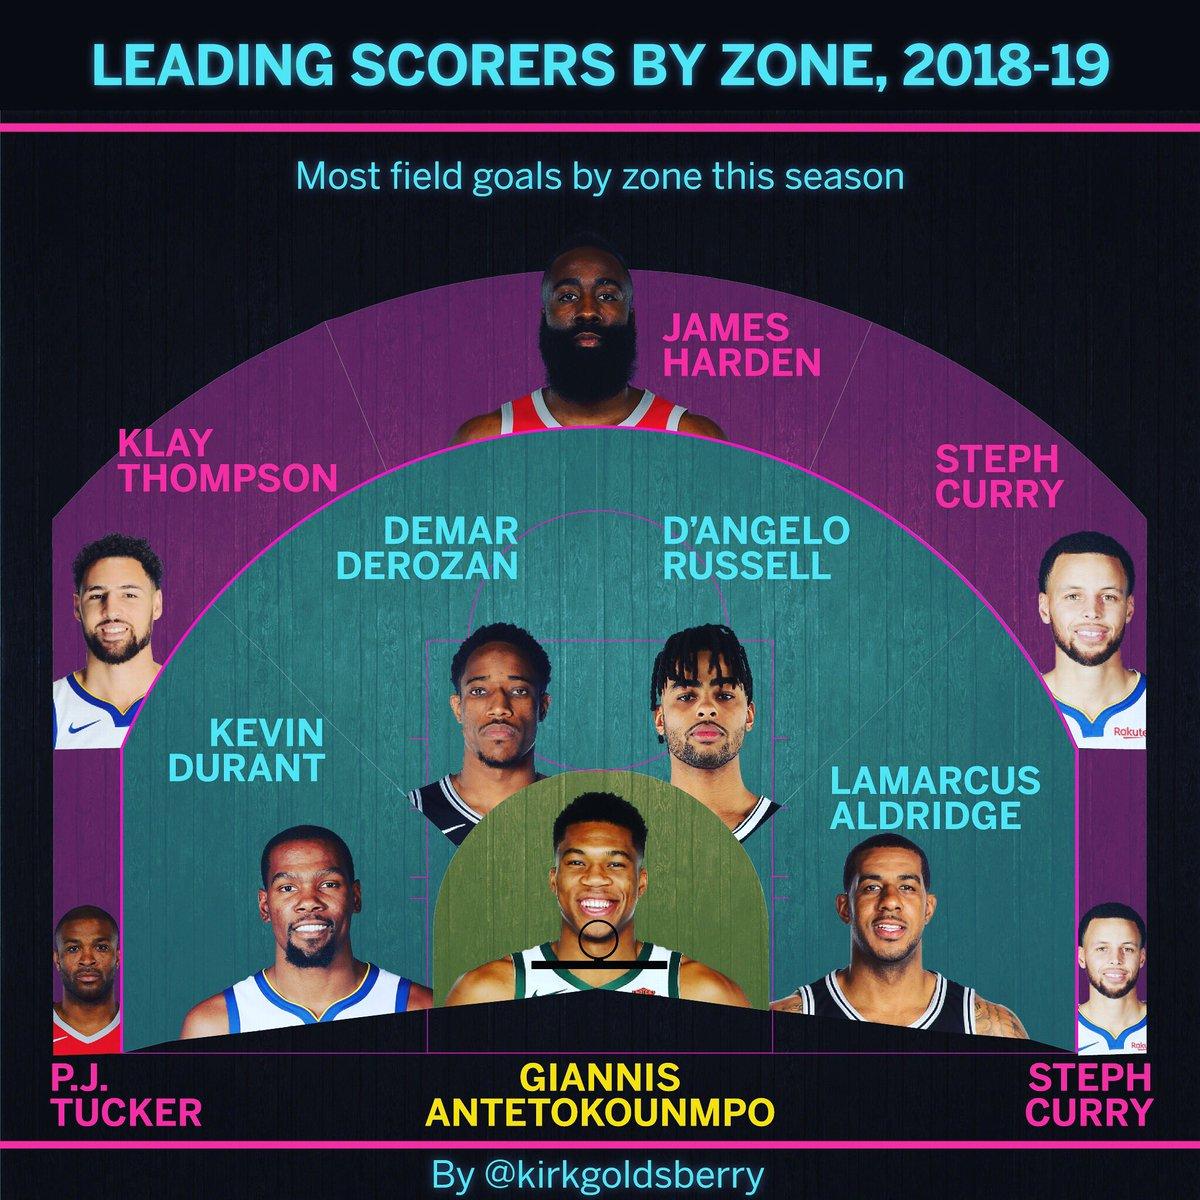 数据分析师公布本赛季球场各个位置进球数最多的球员名单 NBA新闻